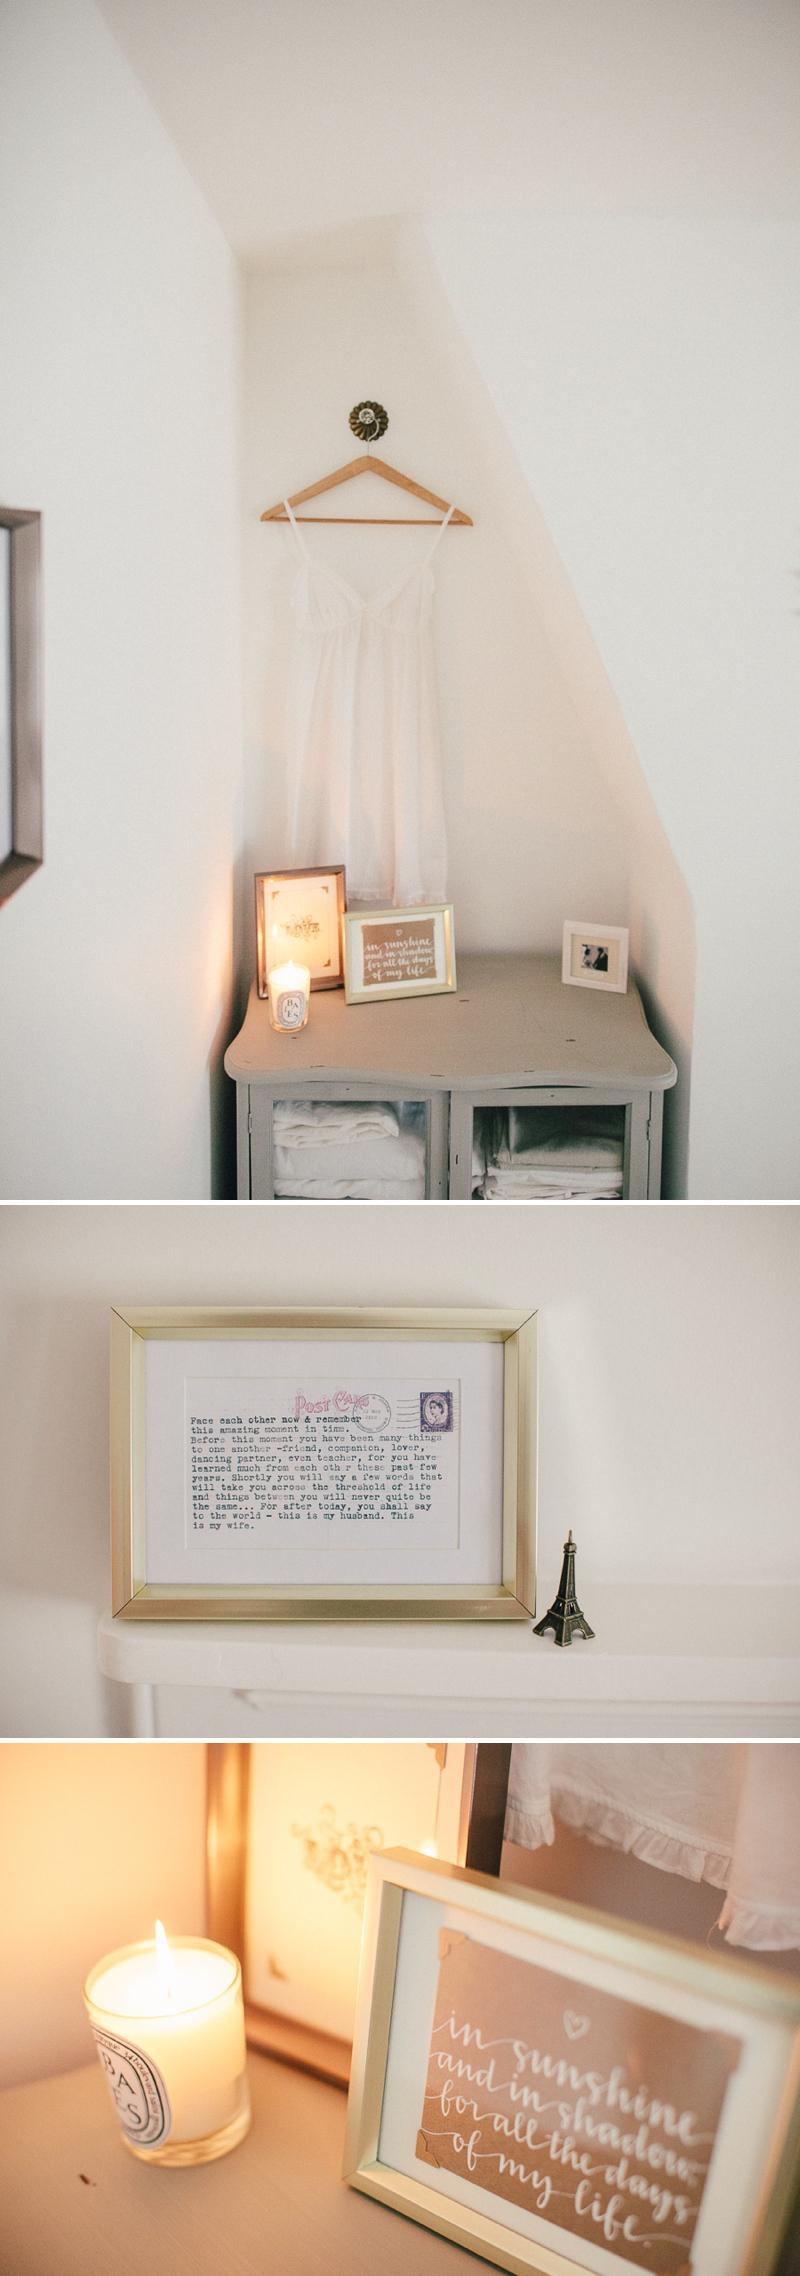 Fairly light contemporary home interiors blog_0125